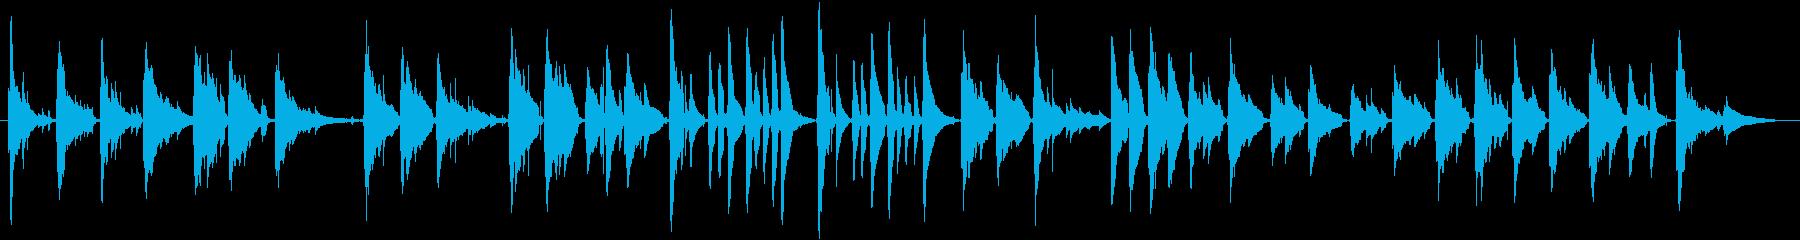 癒し系、しっとり系の汎用BGMの再生済みの波形